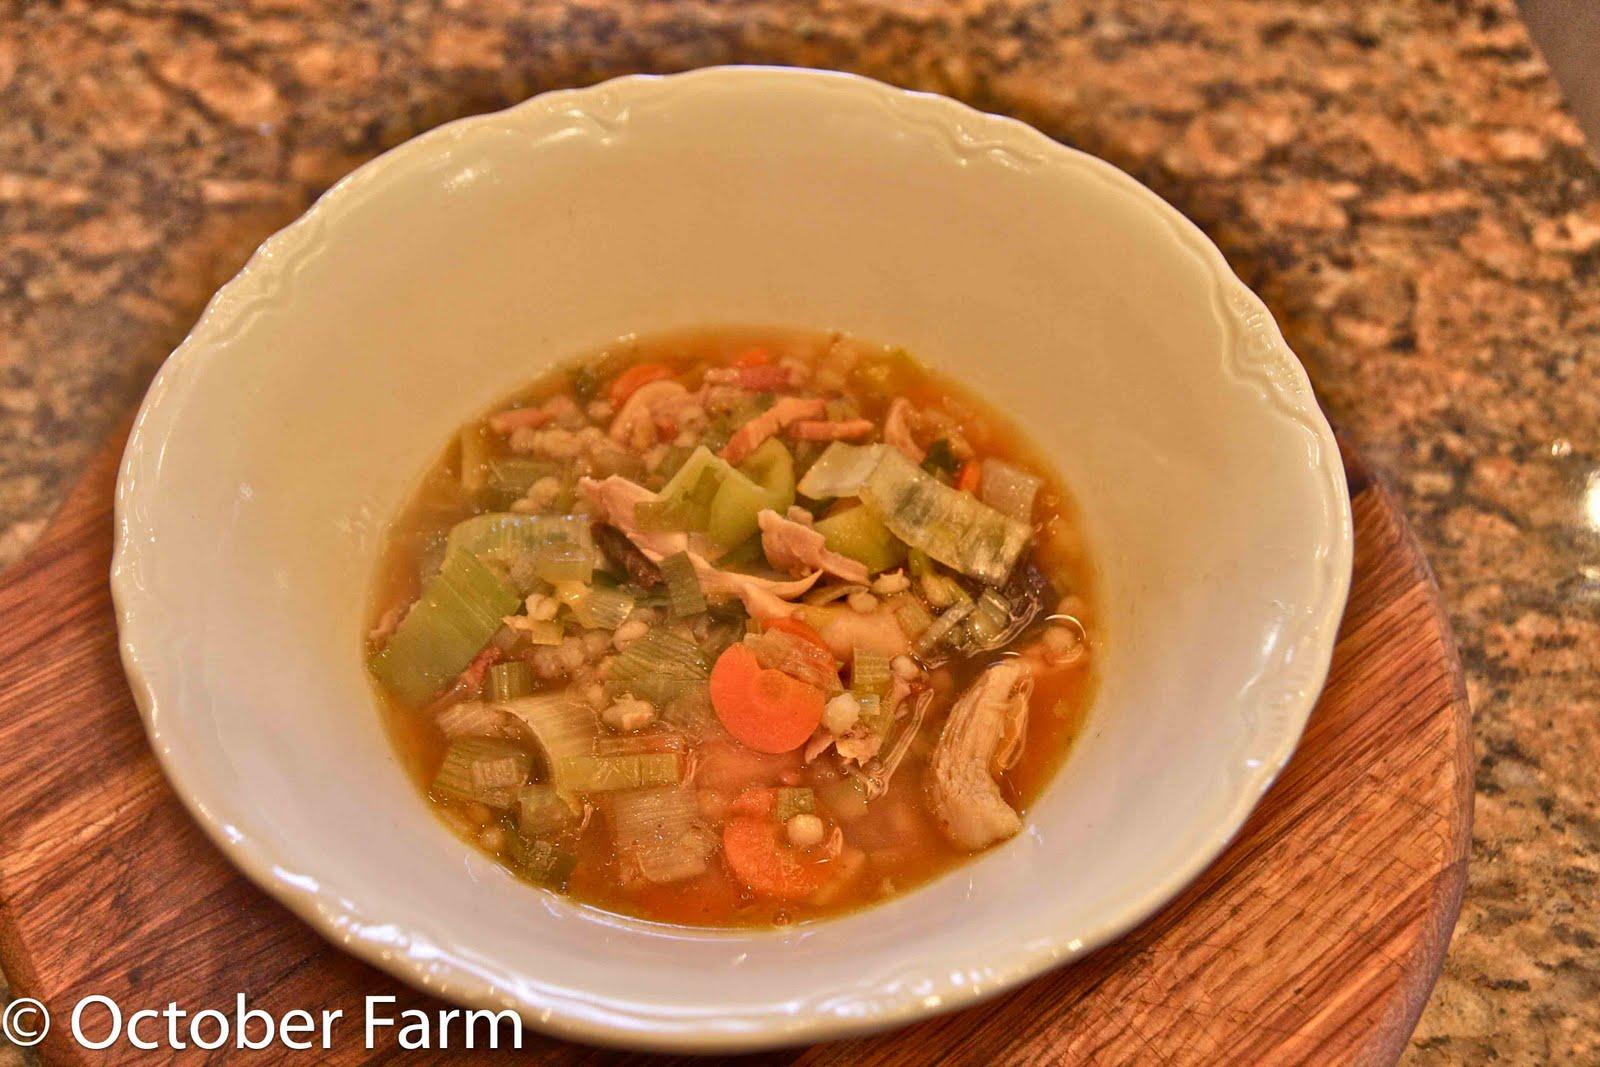 Octoberfarm: Cock-A-Leekie Soup